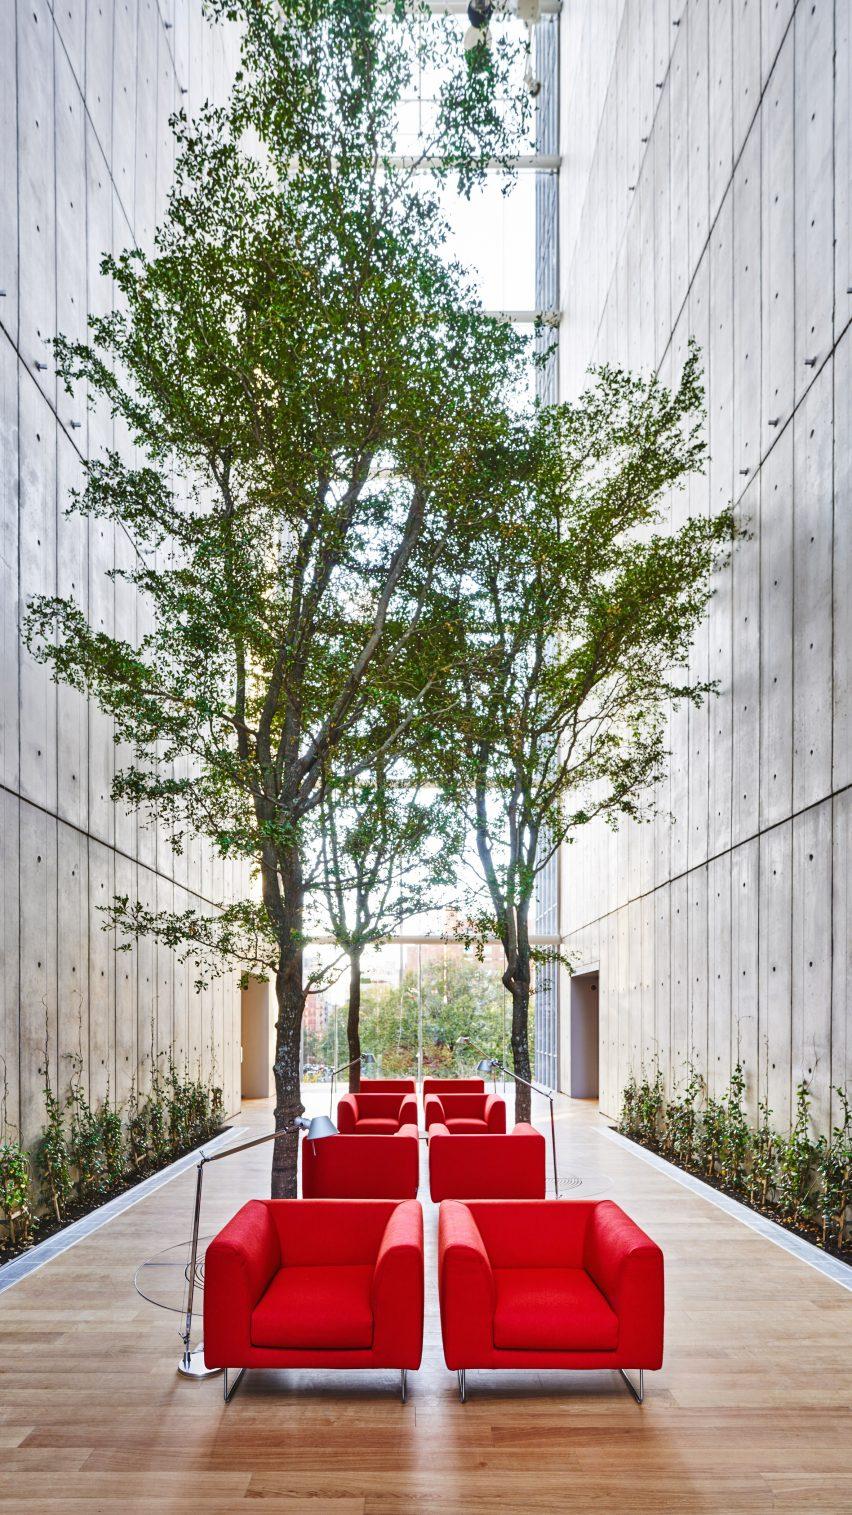 565 Broome Soho by Renzo Piano